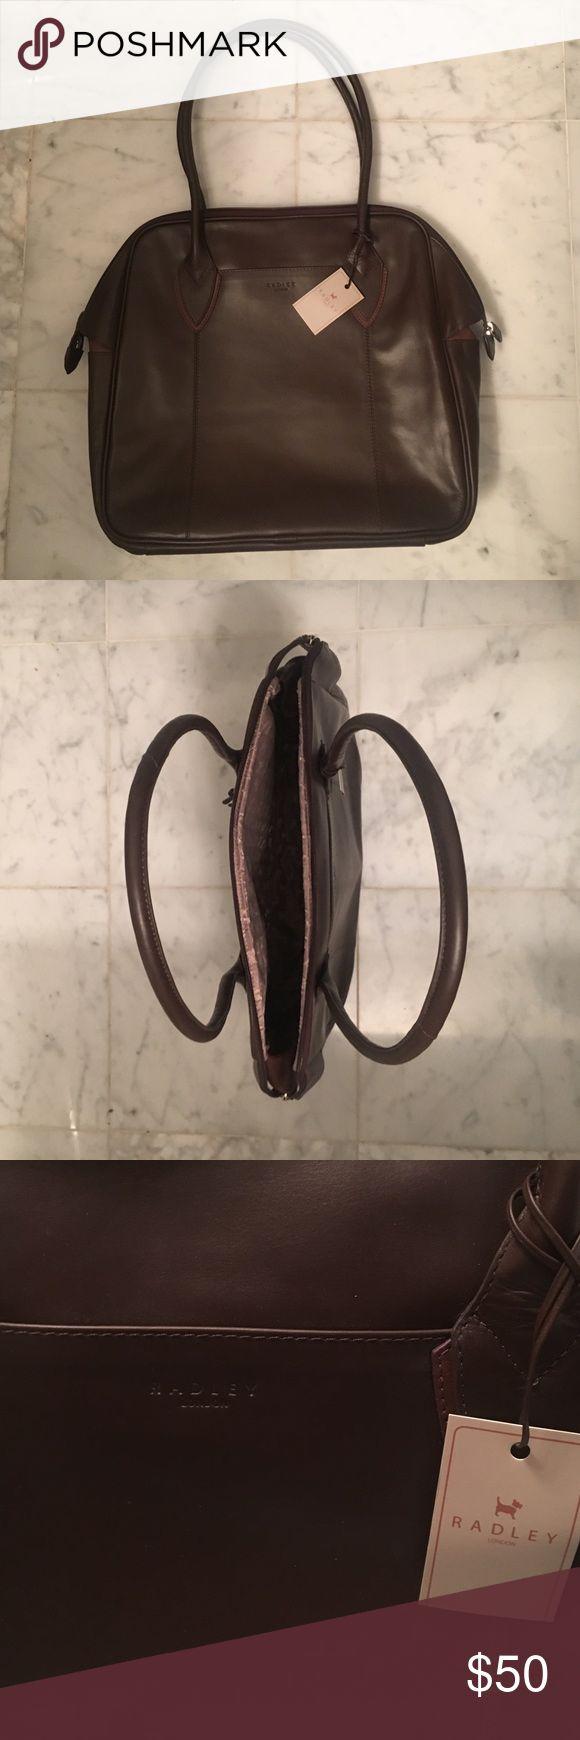 Radley ladies leather gloves - Never Been Used Radley Handbag Dark Brown Radley London Handbag Tons Of Space And 3